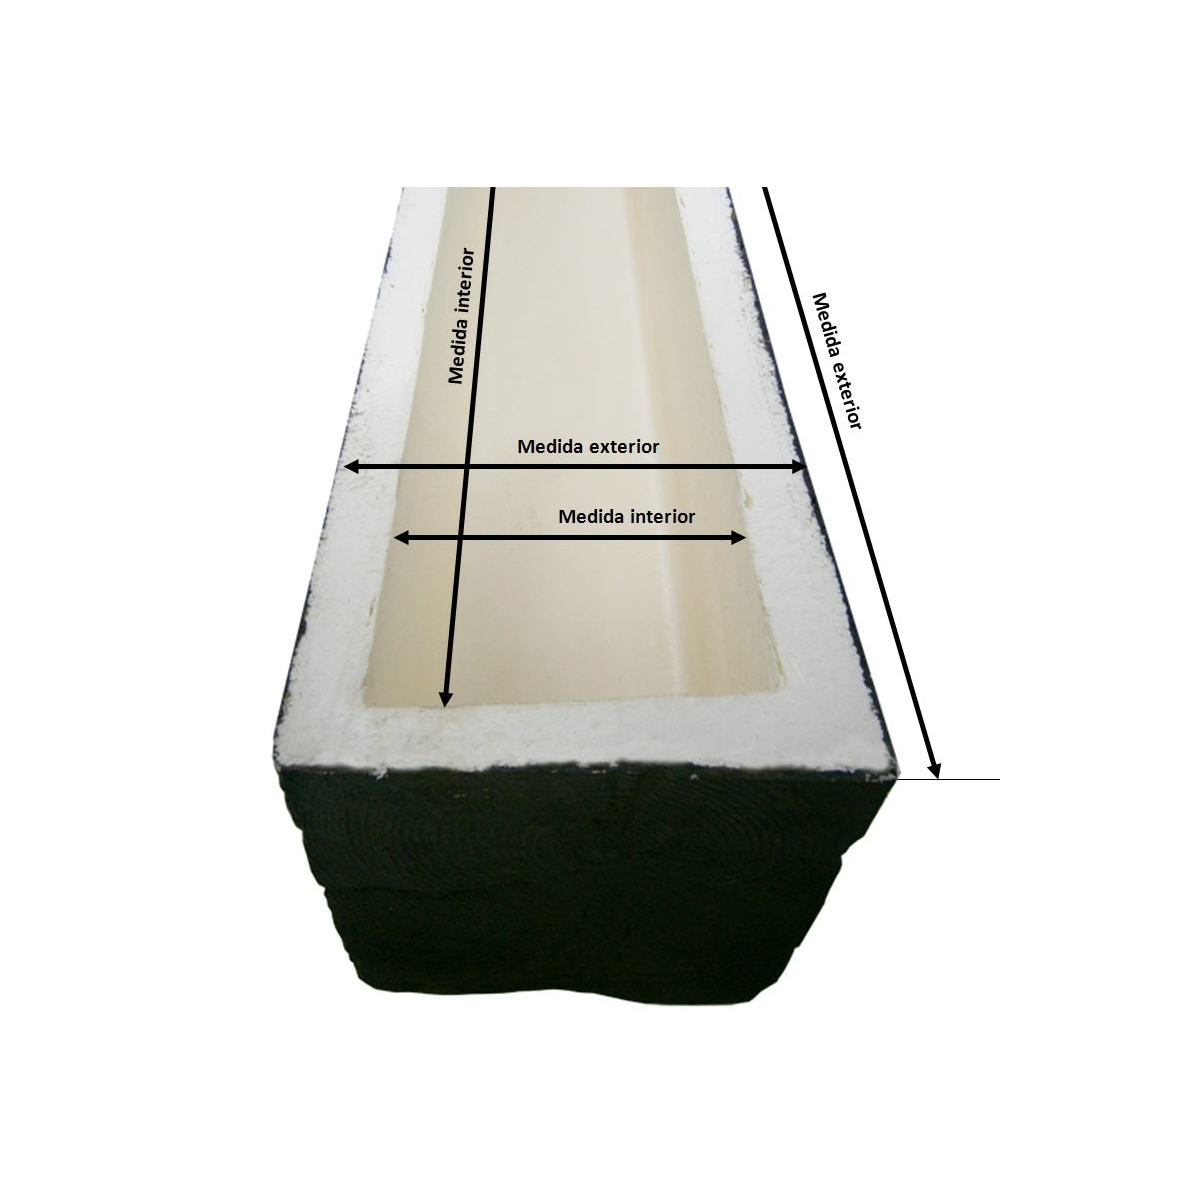 Viga imitación a madera 300x23x18 Grupo Unamacor Vigas imitación madera cuadradas